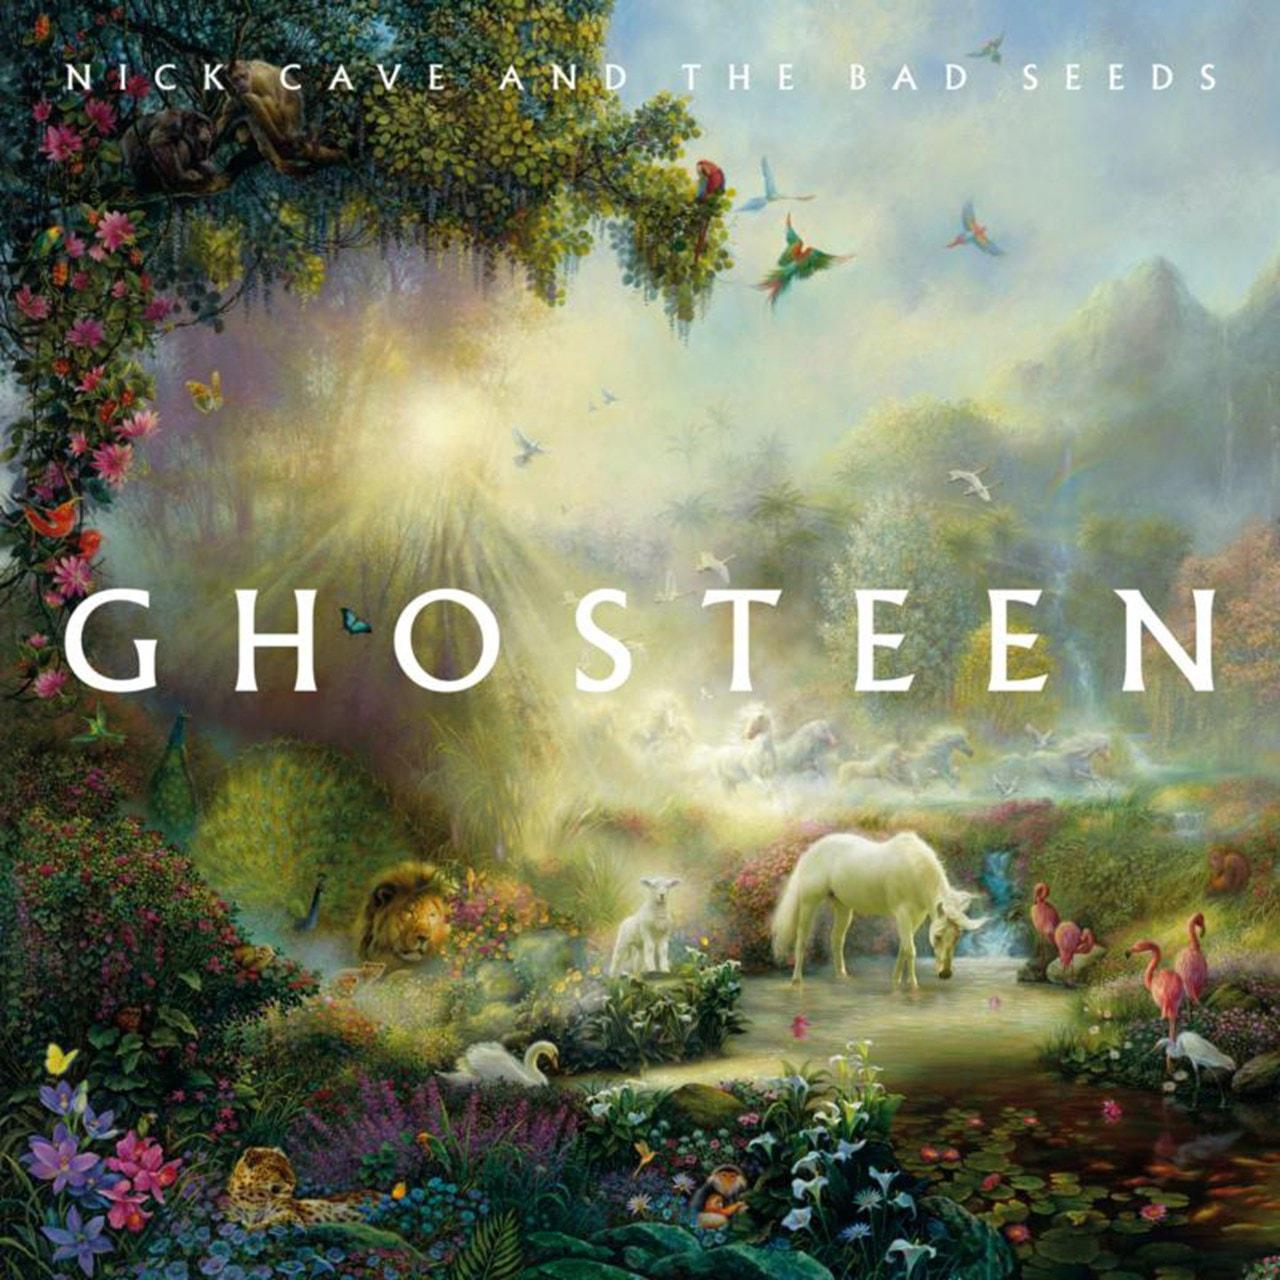 Ghosteen - 1